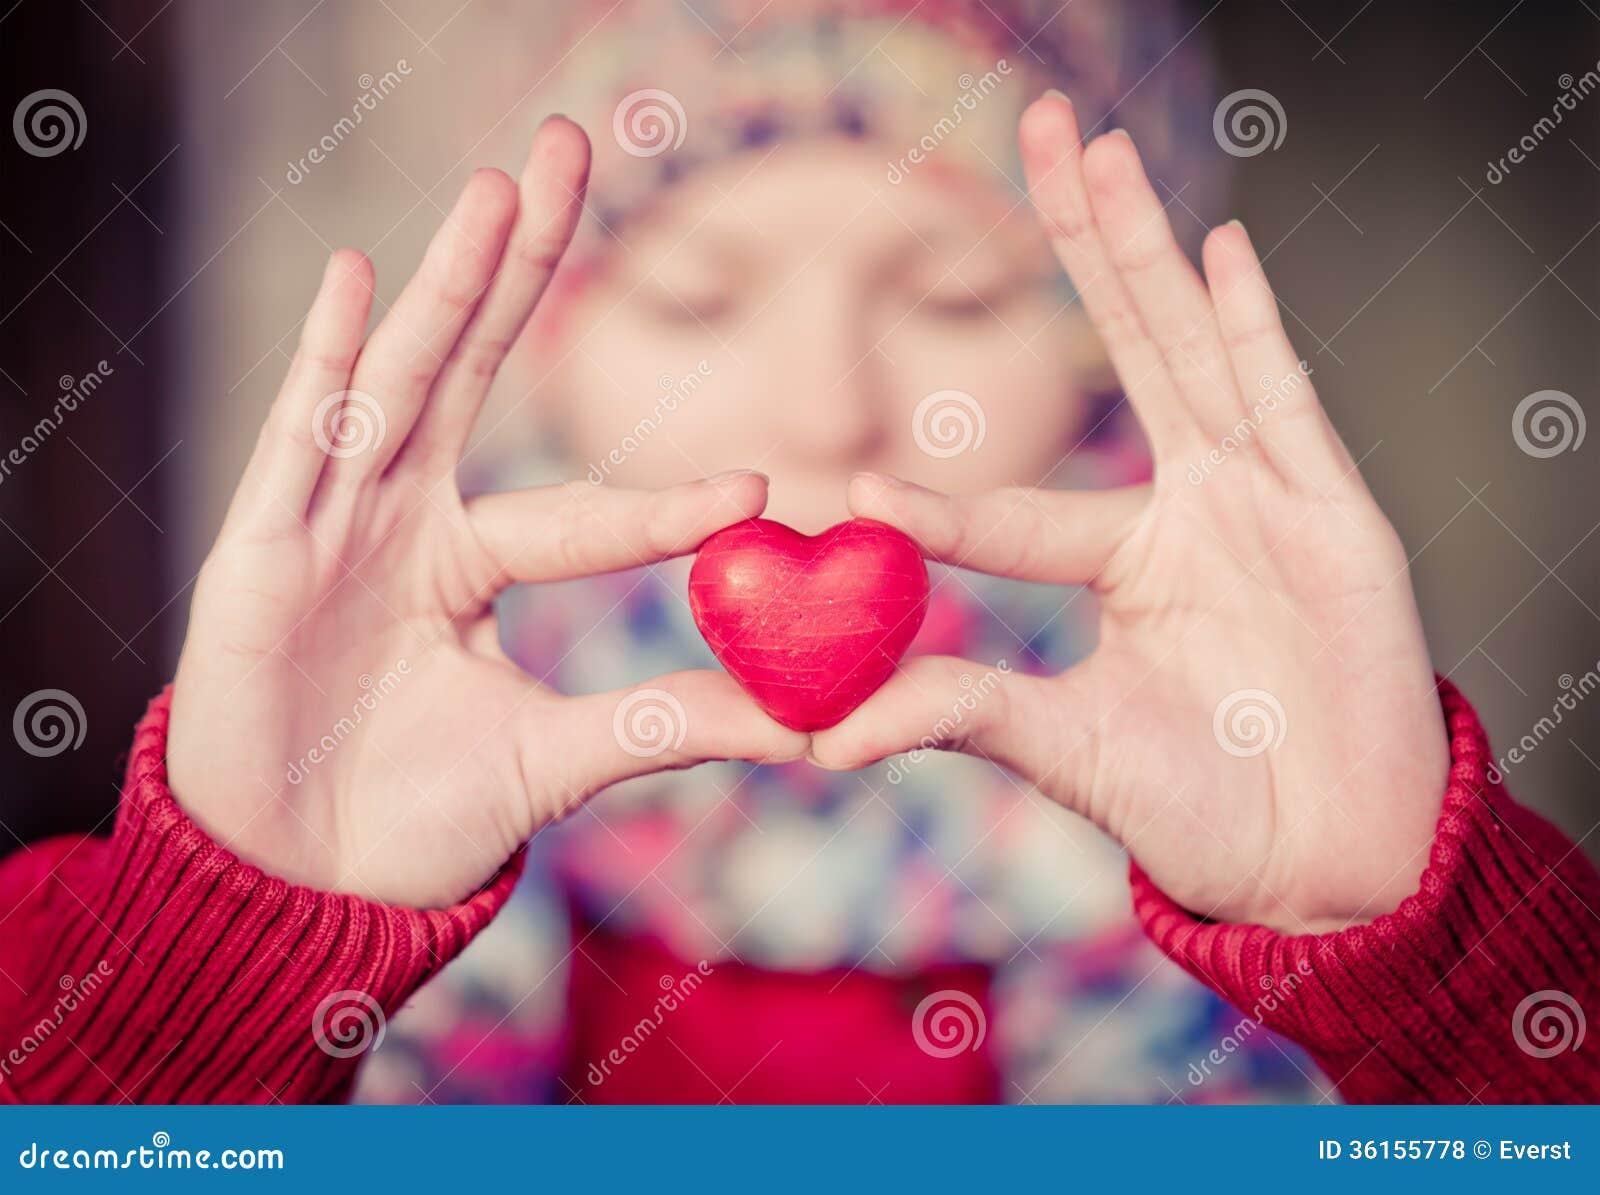 Símbolo del amor de la forma del corazón en manos de la mujer